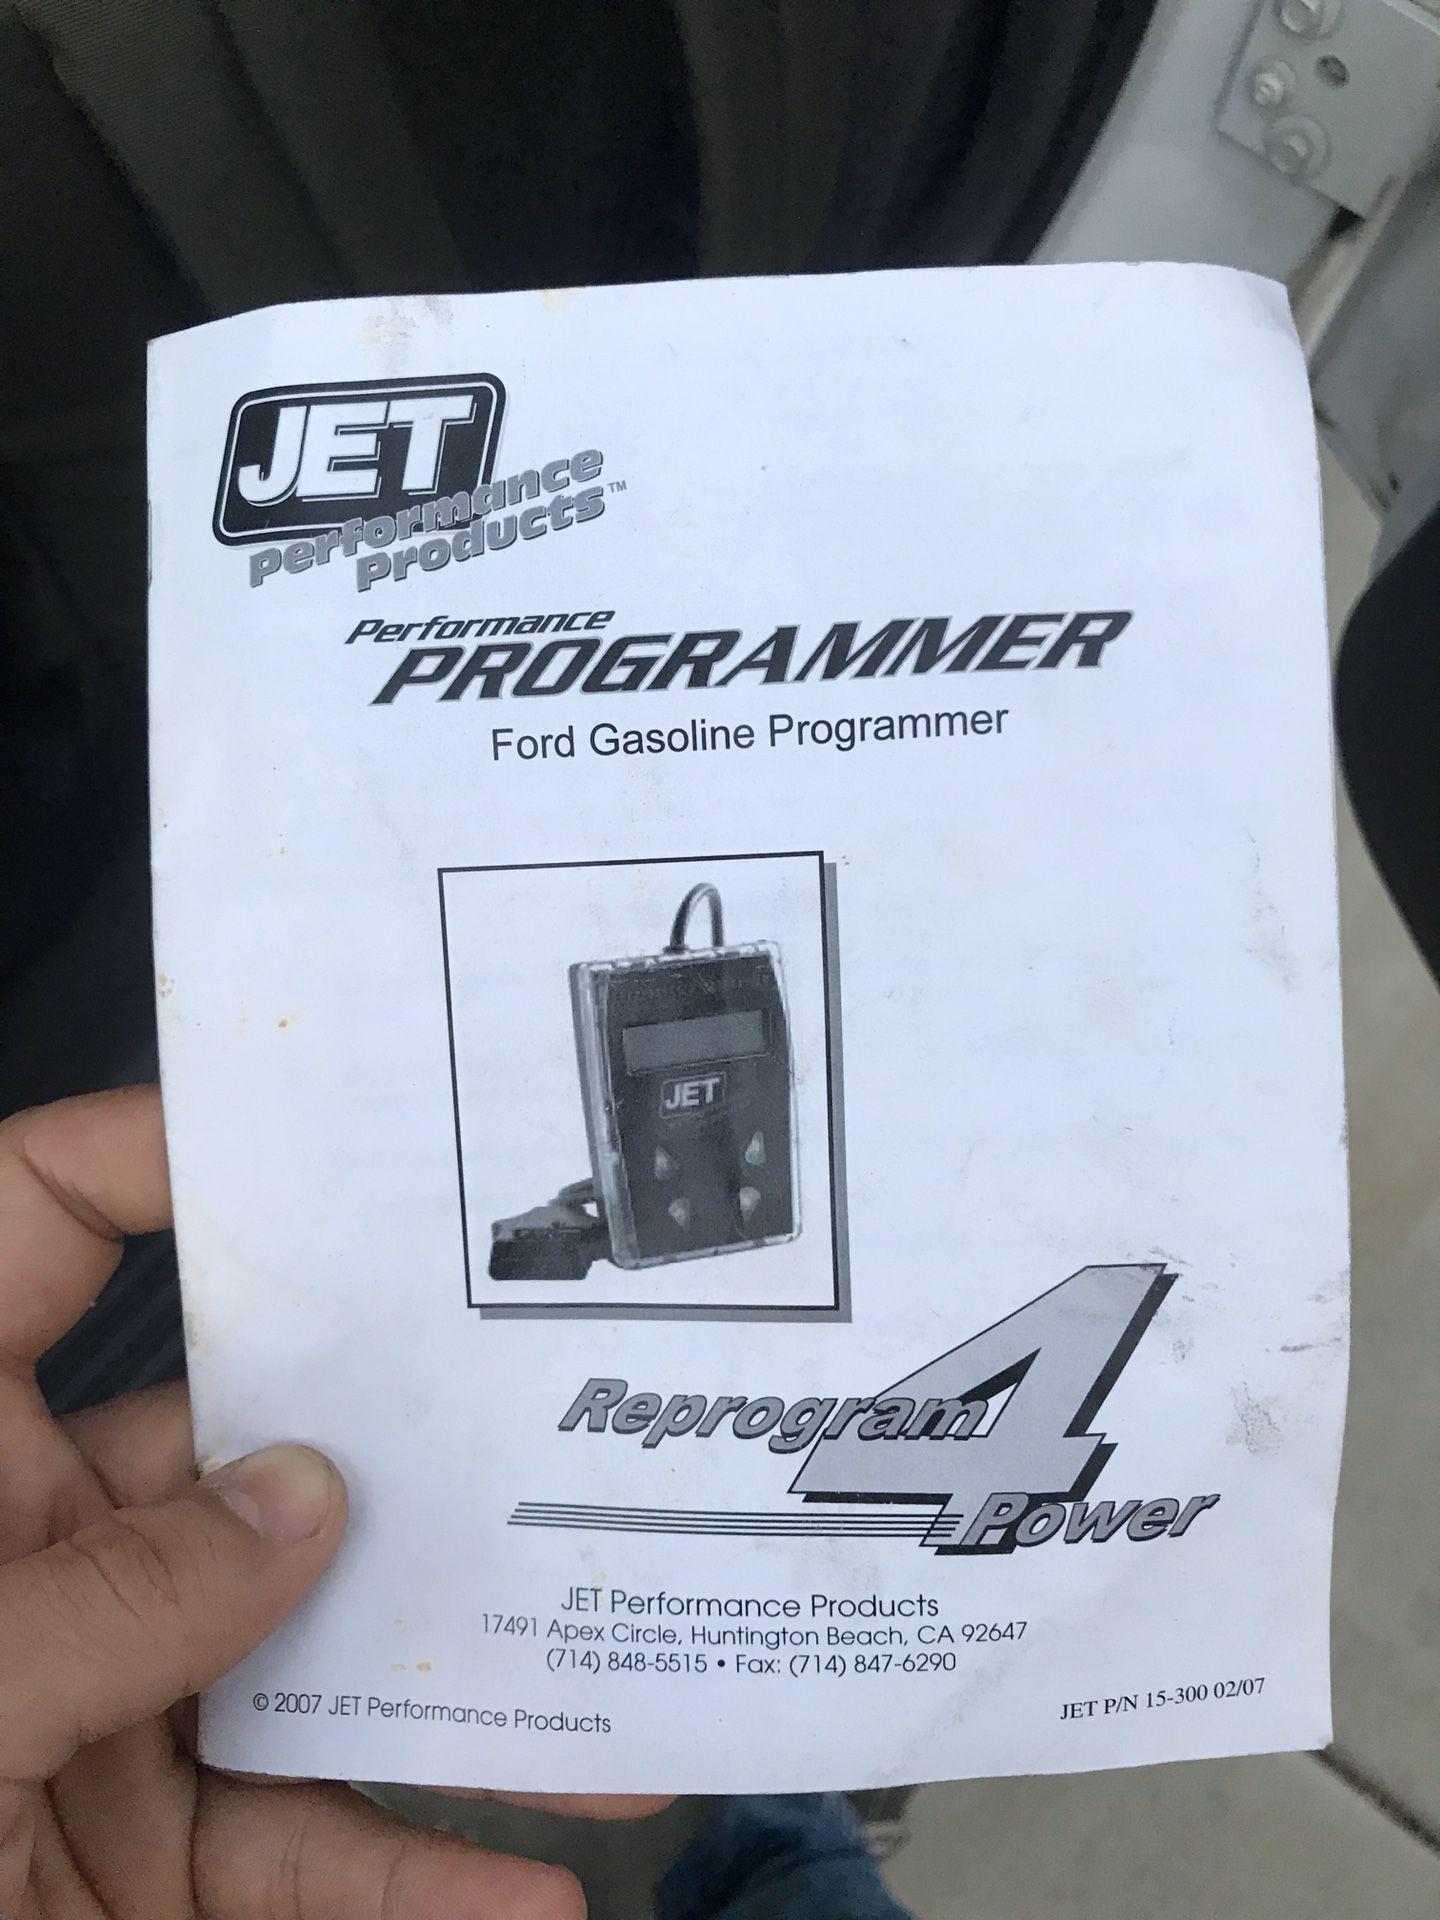 Ford jet programmer